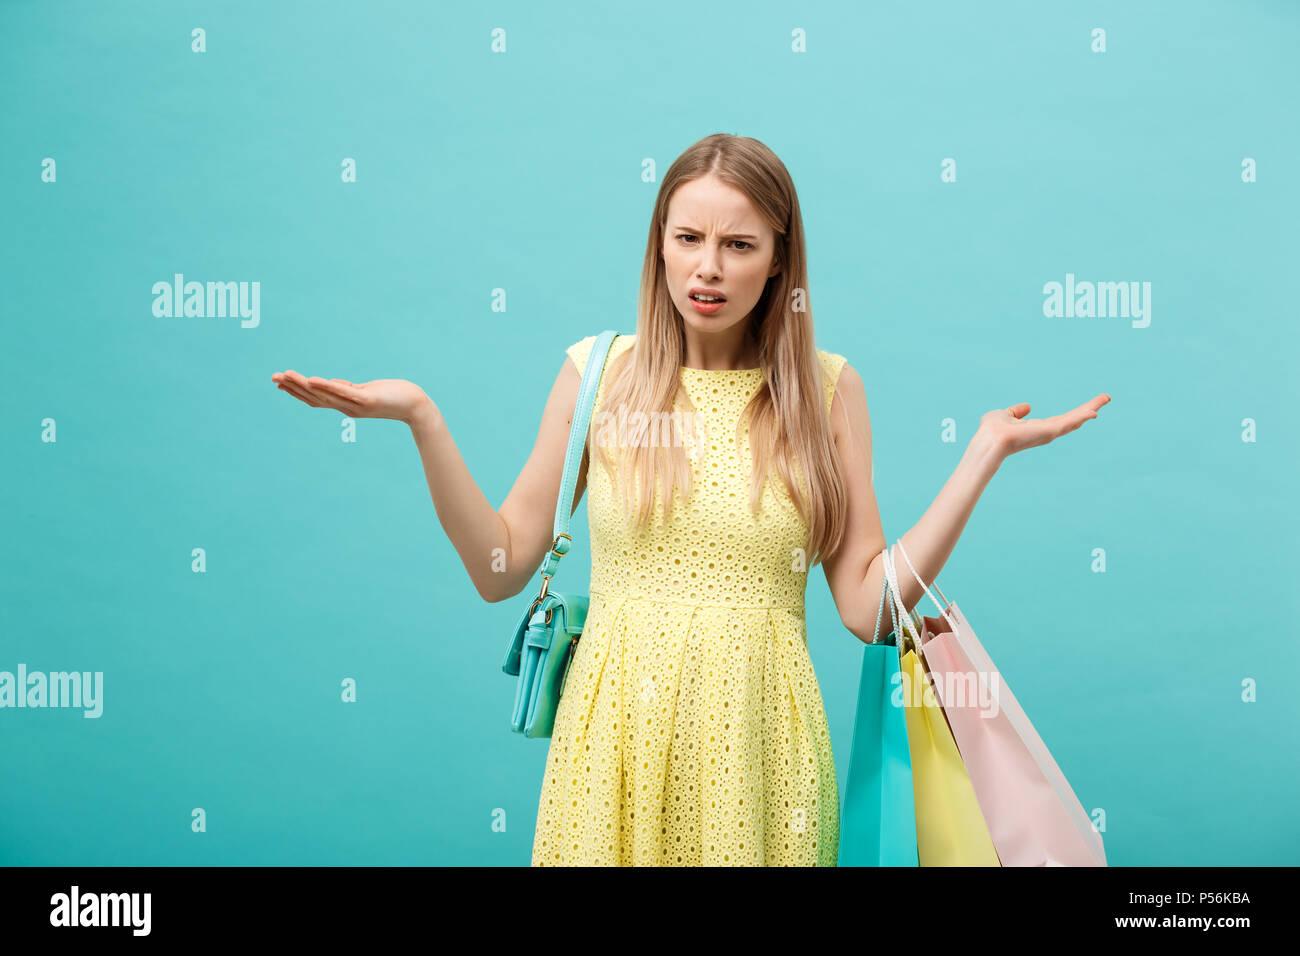 Shoping et de vente Concept: belle jeune femme malheureuse en élégante robe jaune avec votre panier. Banque D'Images